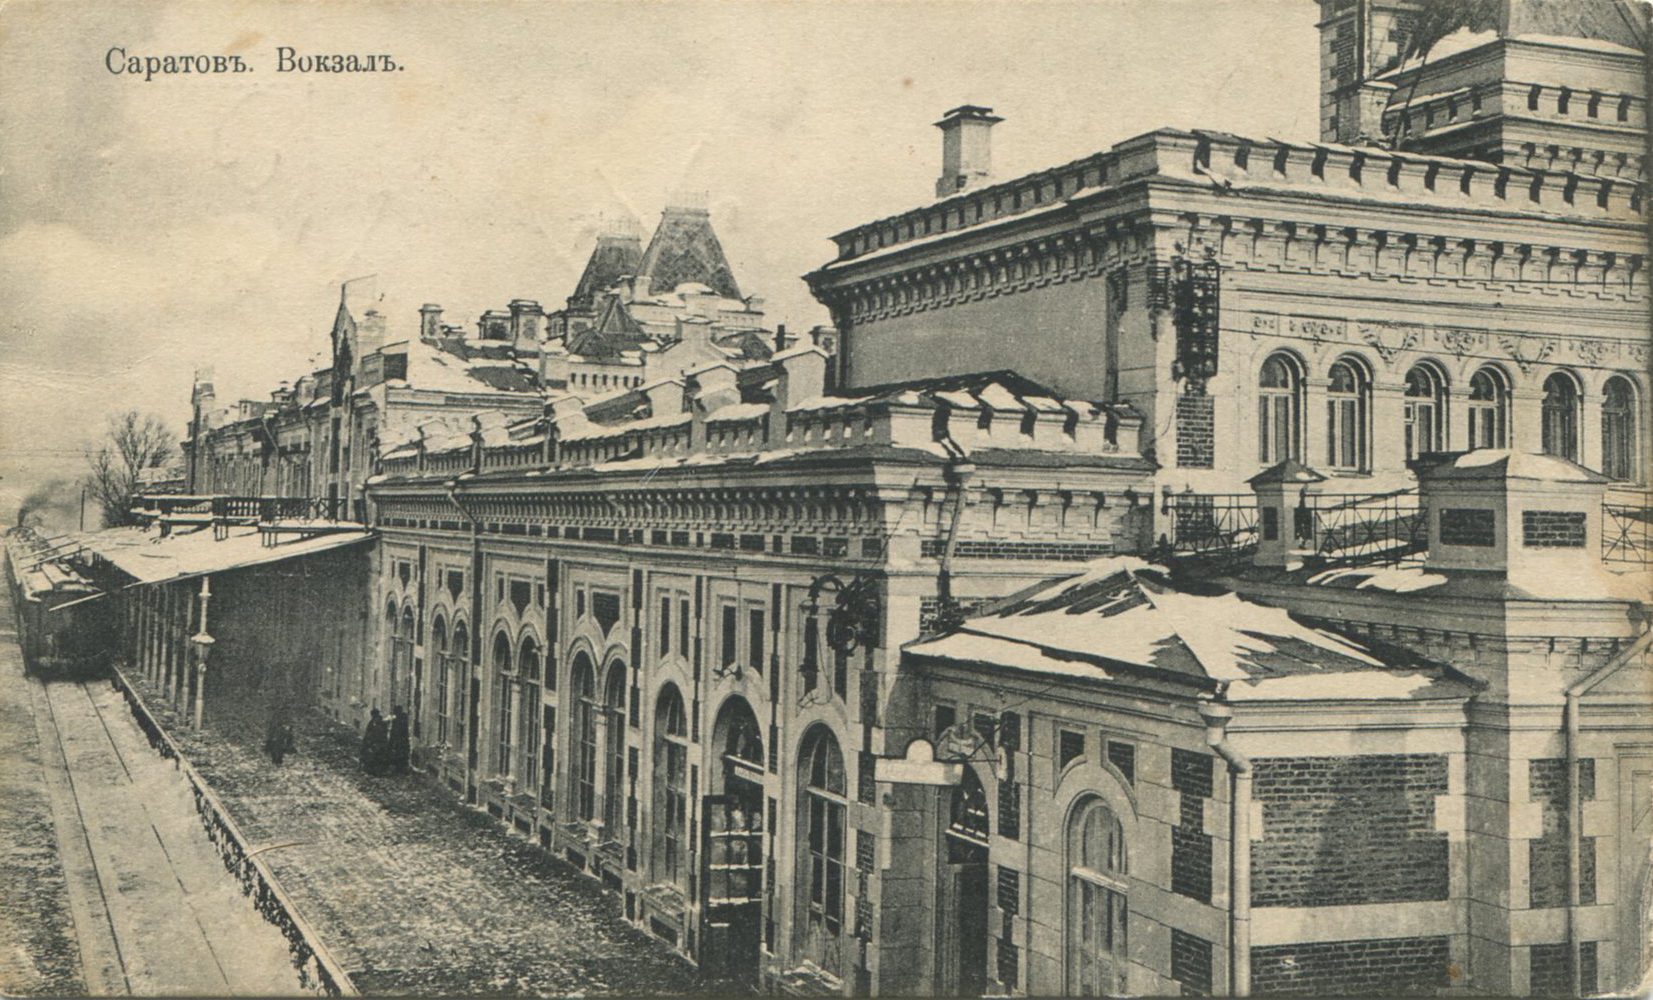 Саратовский Вокзал.